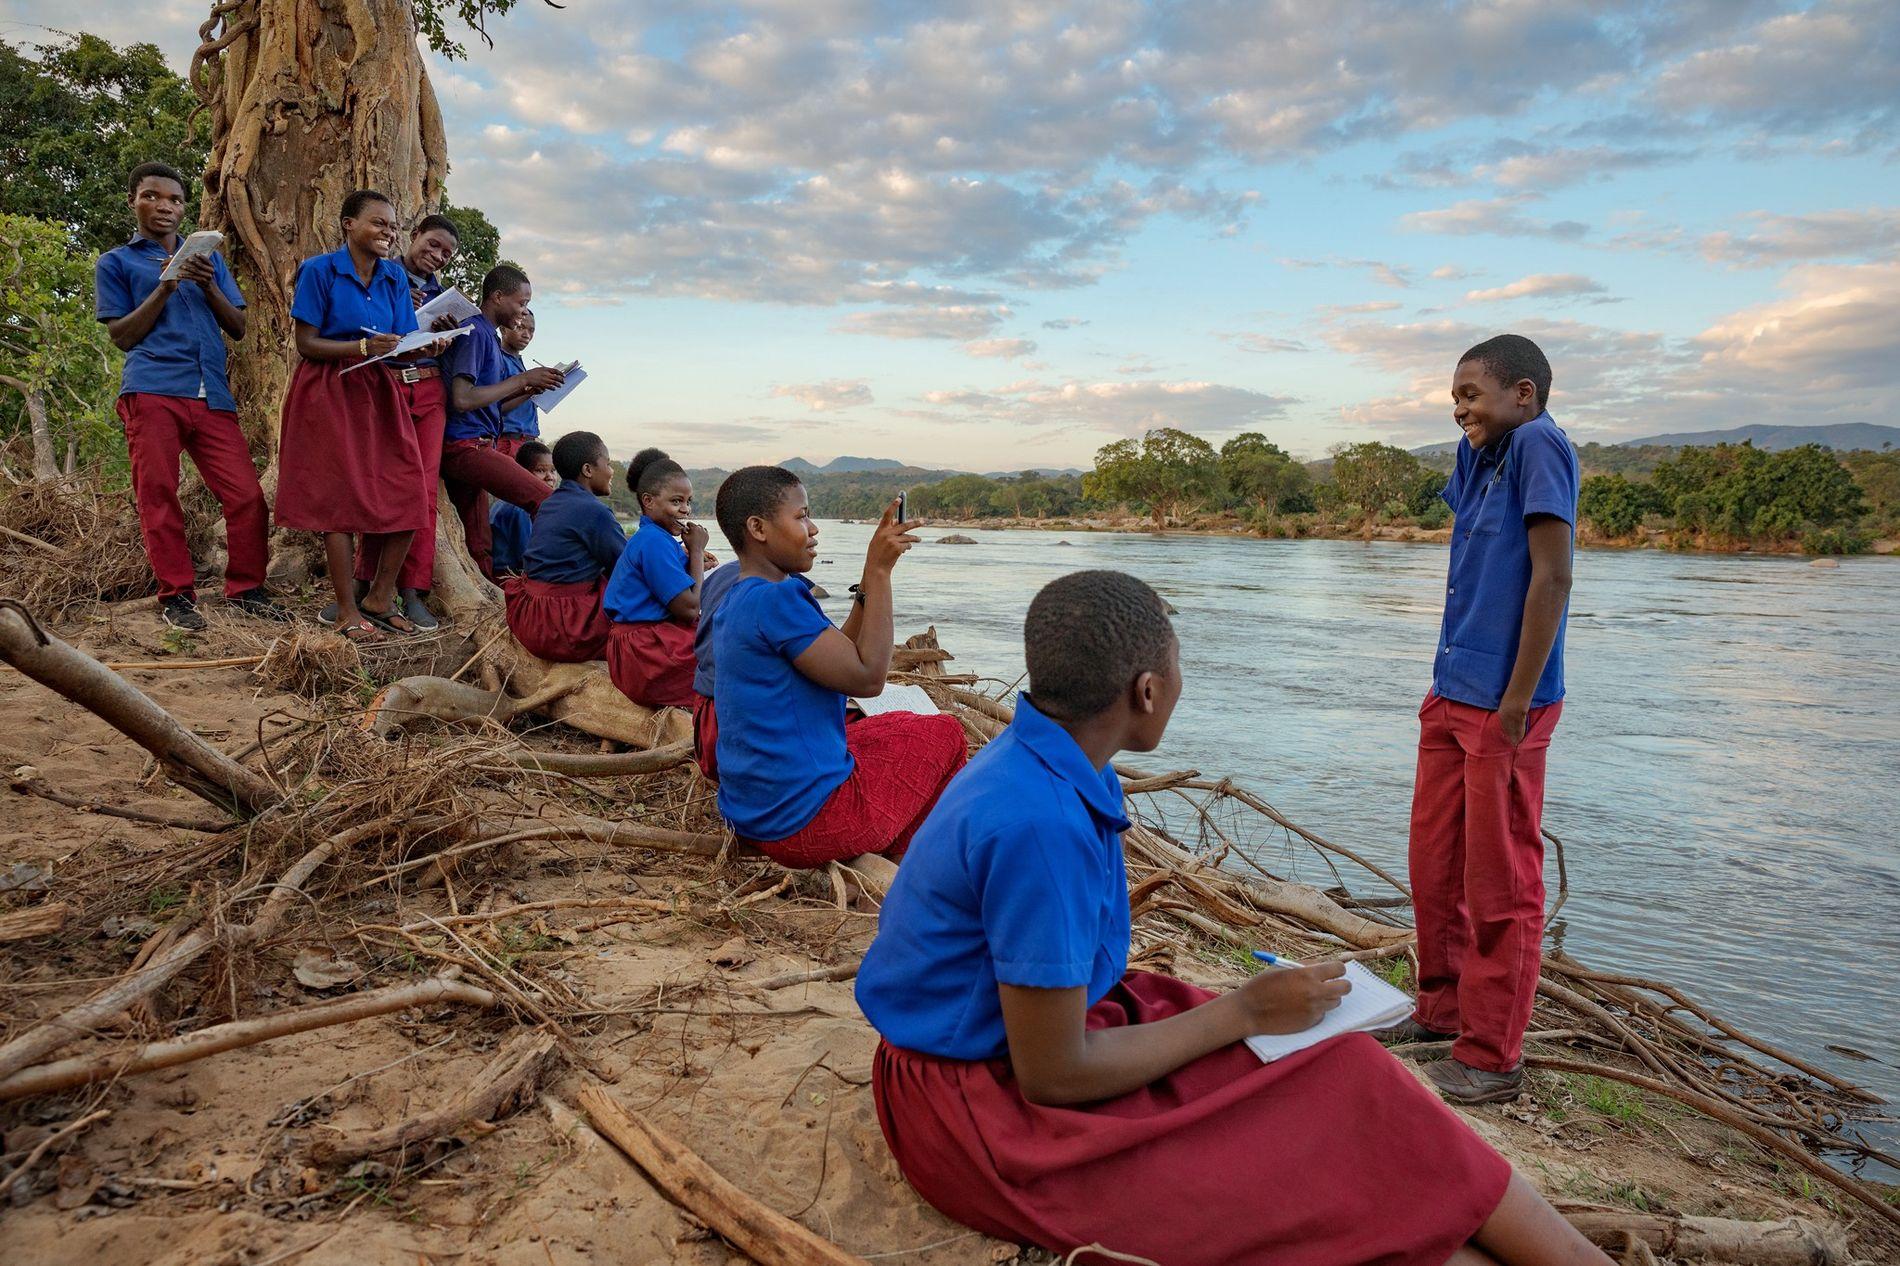 Reserva de fauna de Majete, Malaui: Los alumnos se detienen junto al río durante una visita ...